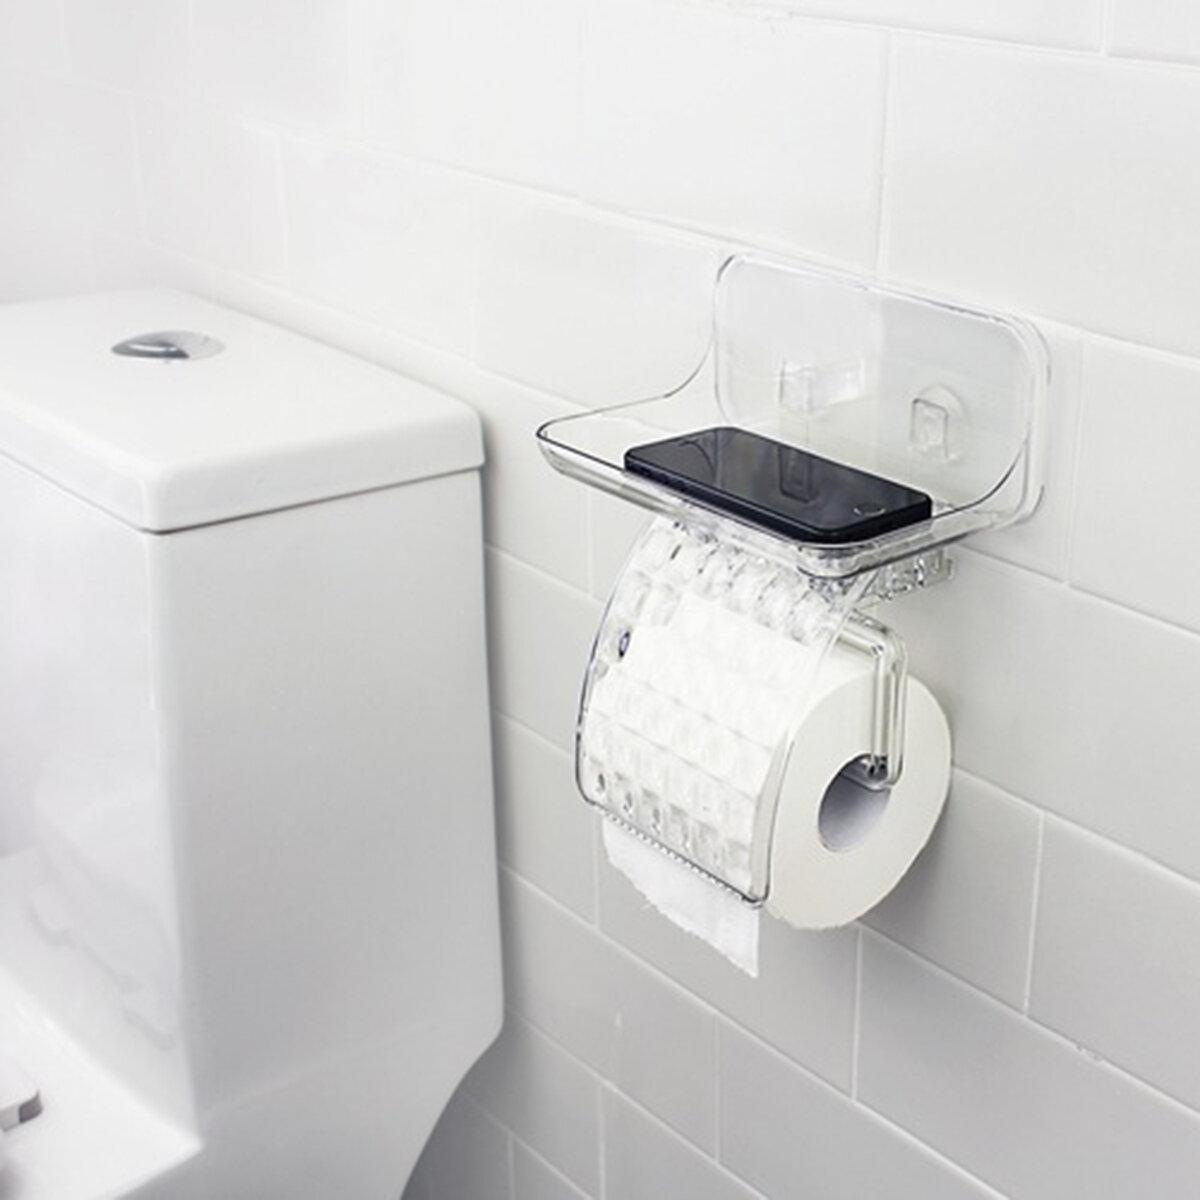 kcasa kc-ft68 support magique de tissu de salle de bain en papier